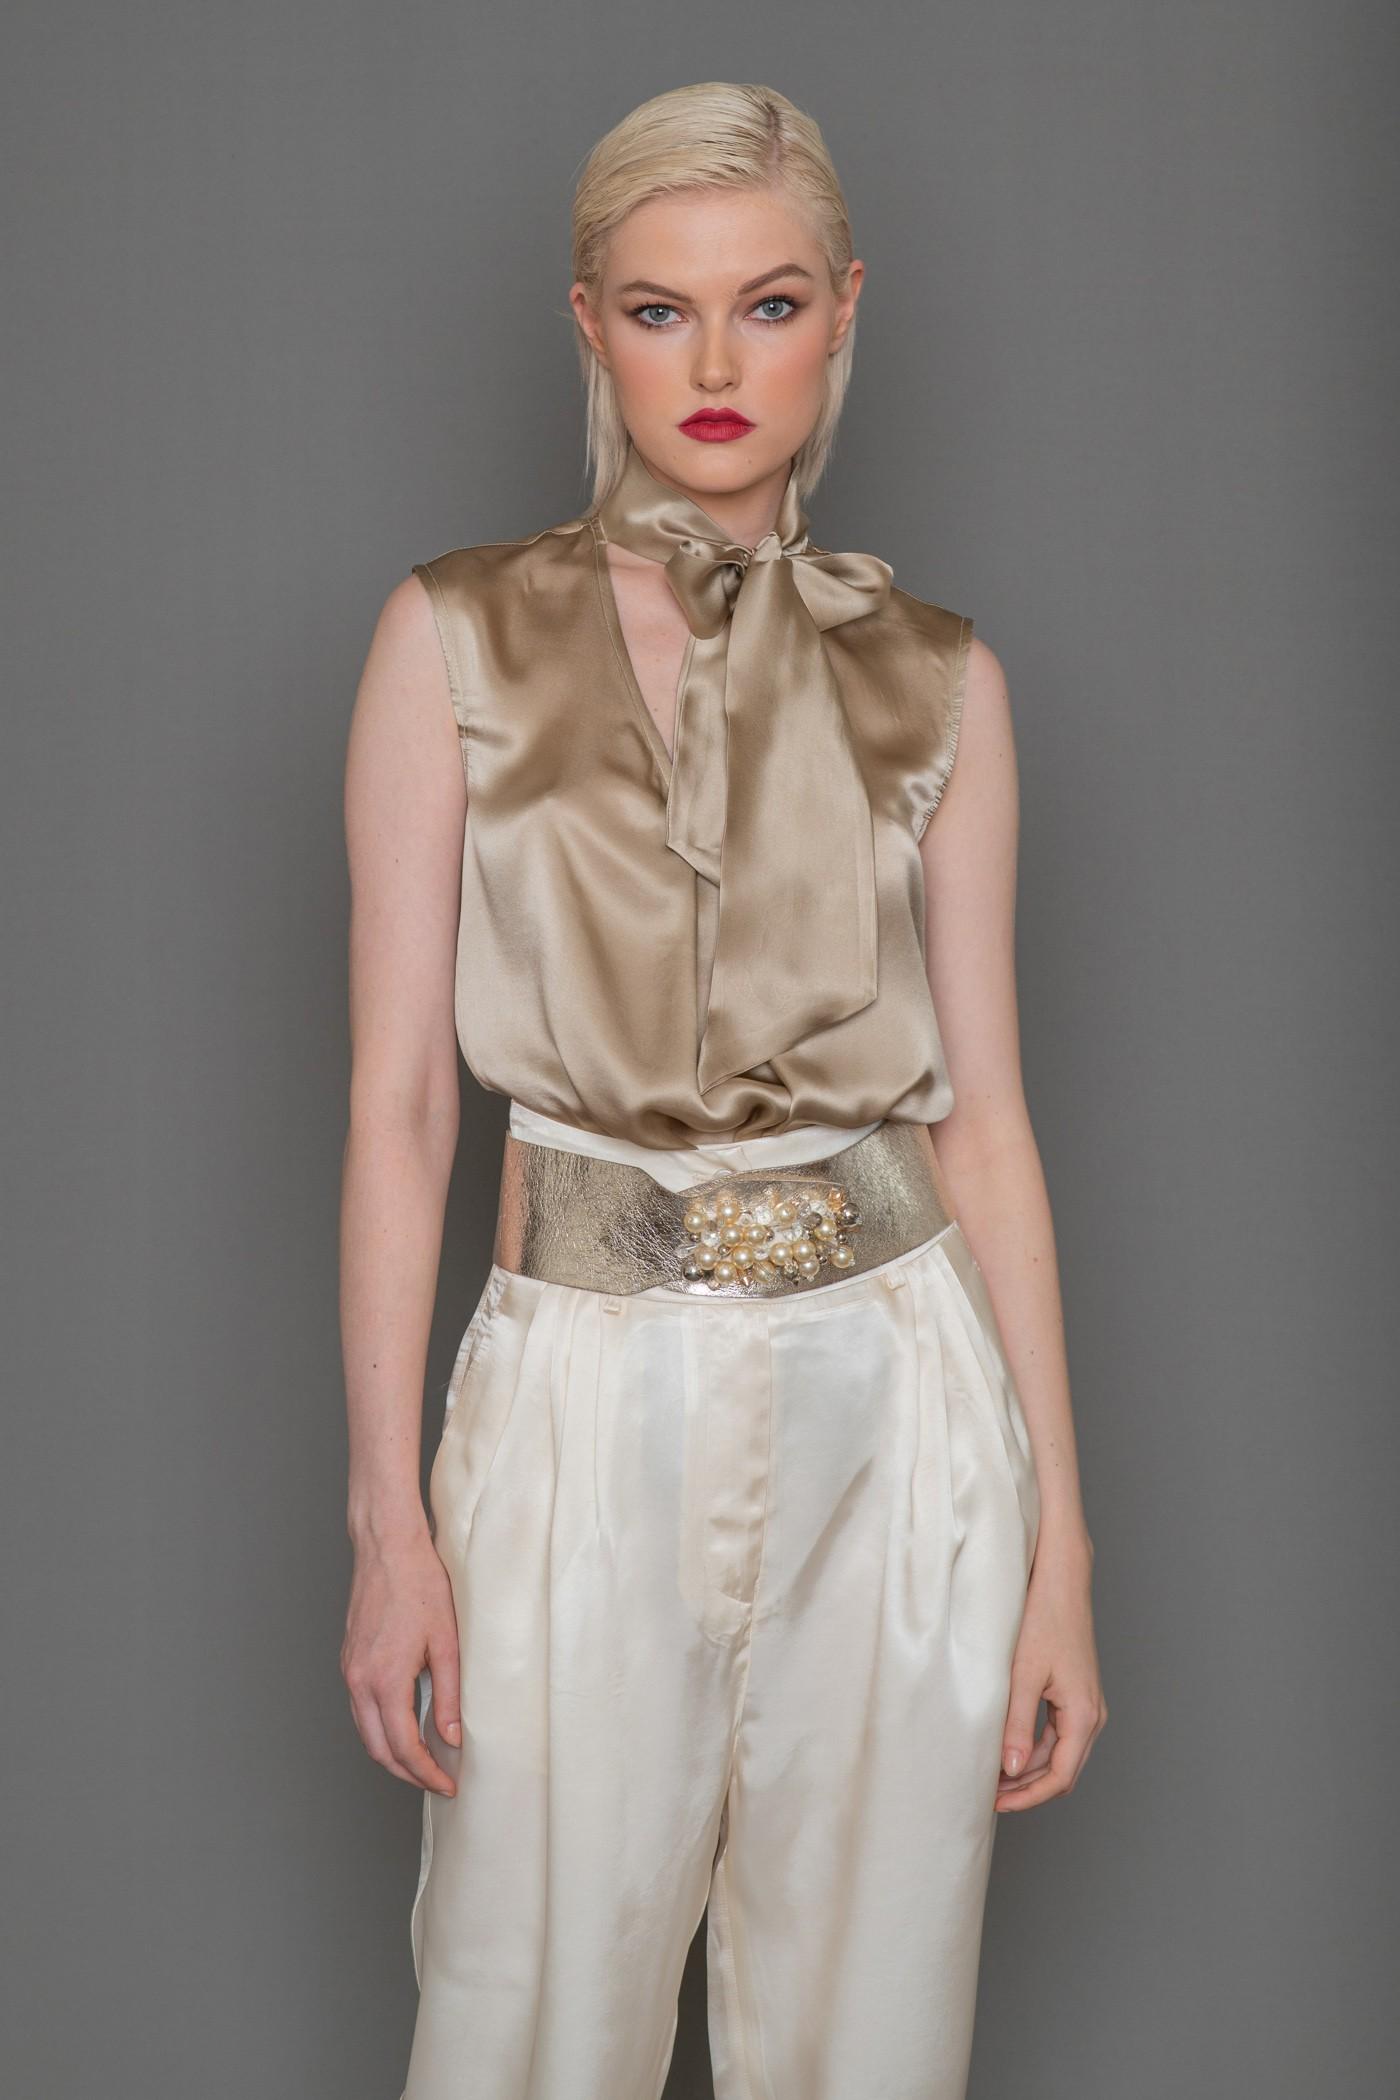 Μπλούζα μεταξωτή αμάνικη με δέσιμο στο λαιμό, γυναικεία